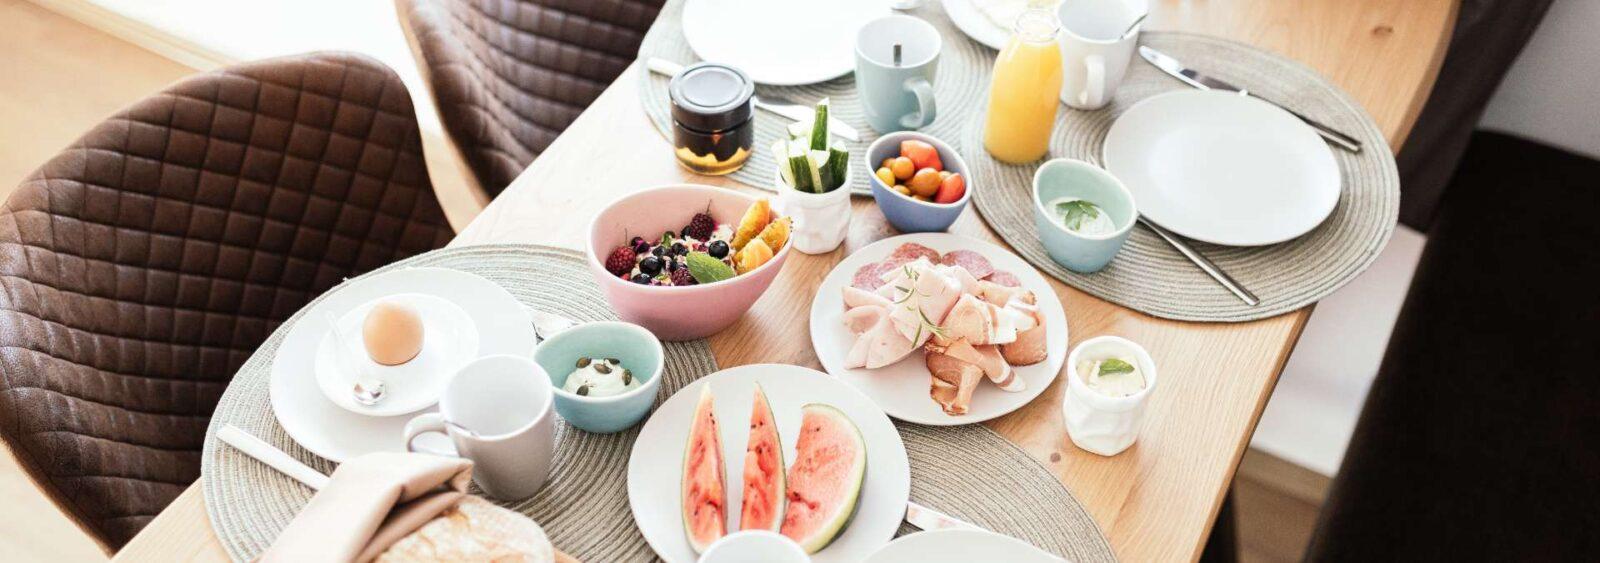 Frühstück Viktorias Home